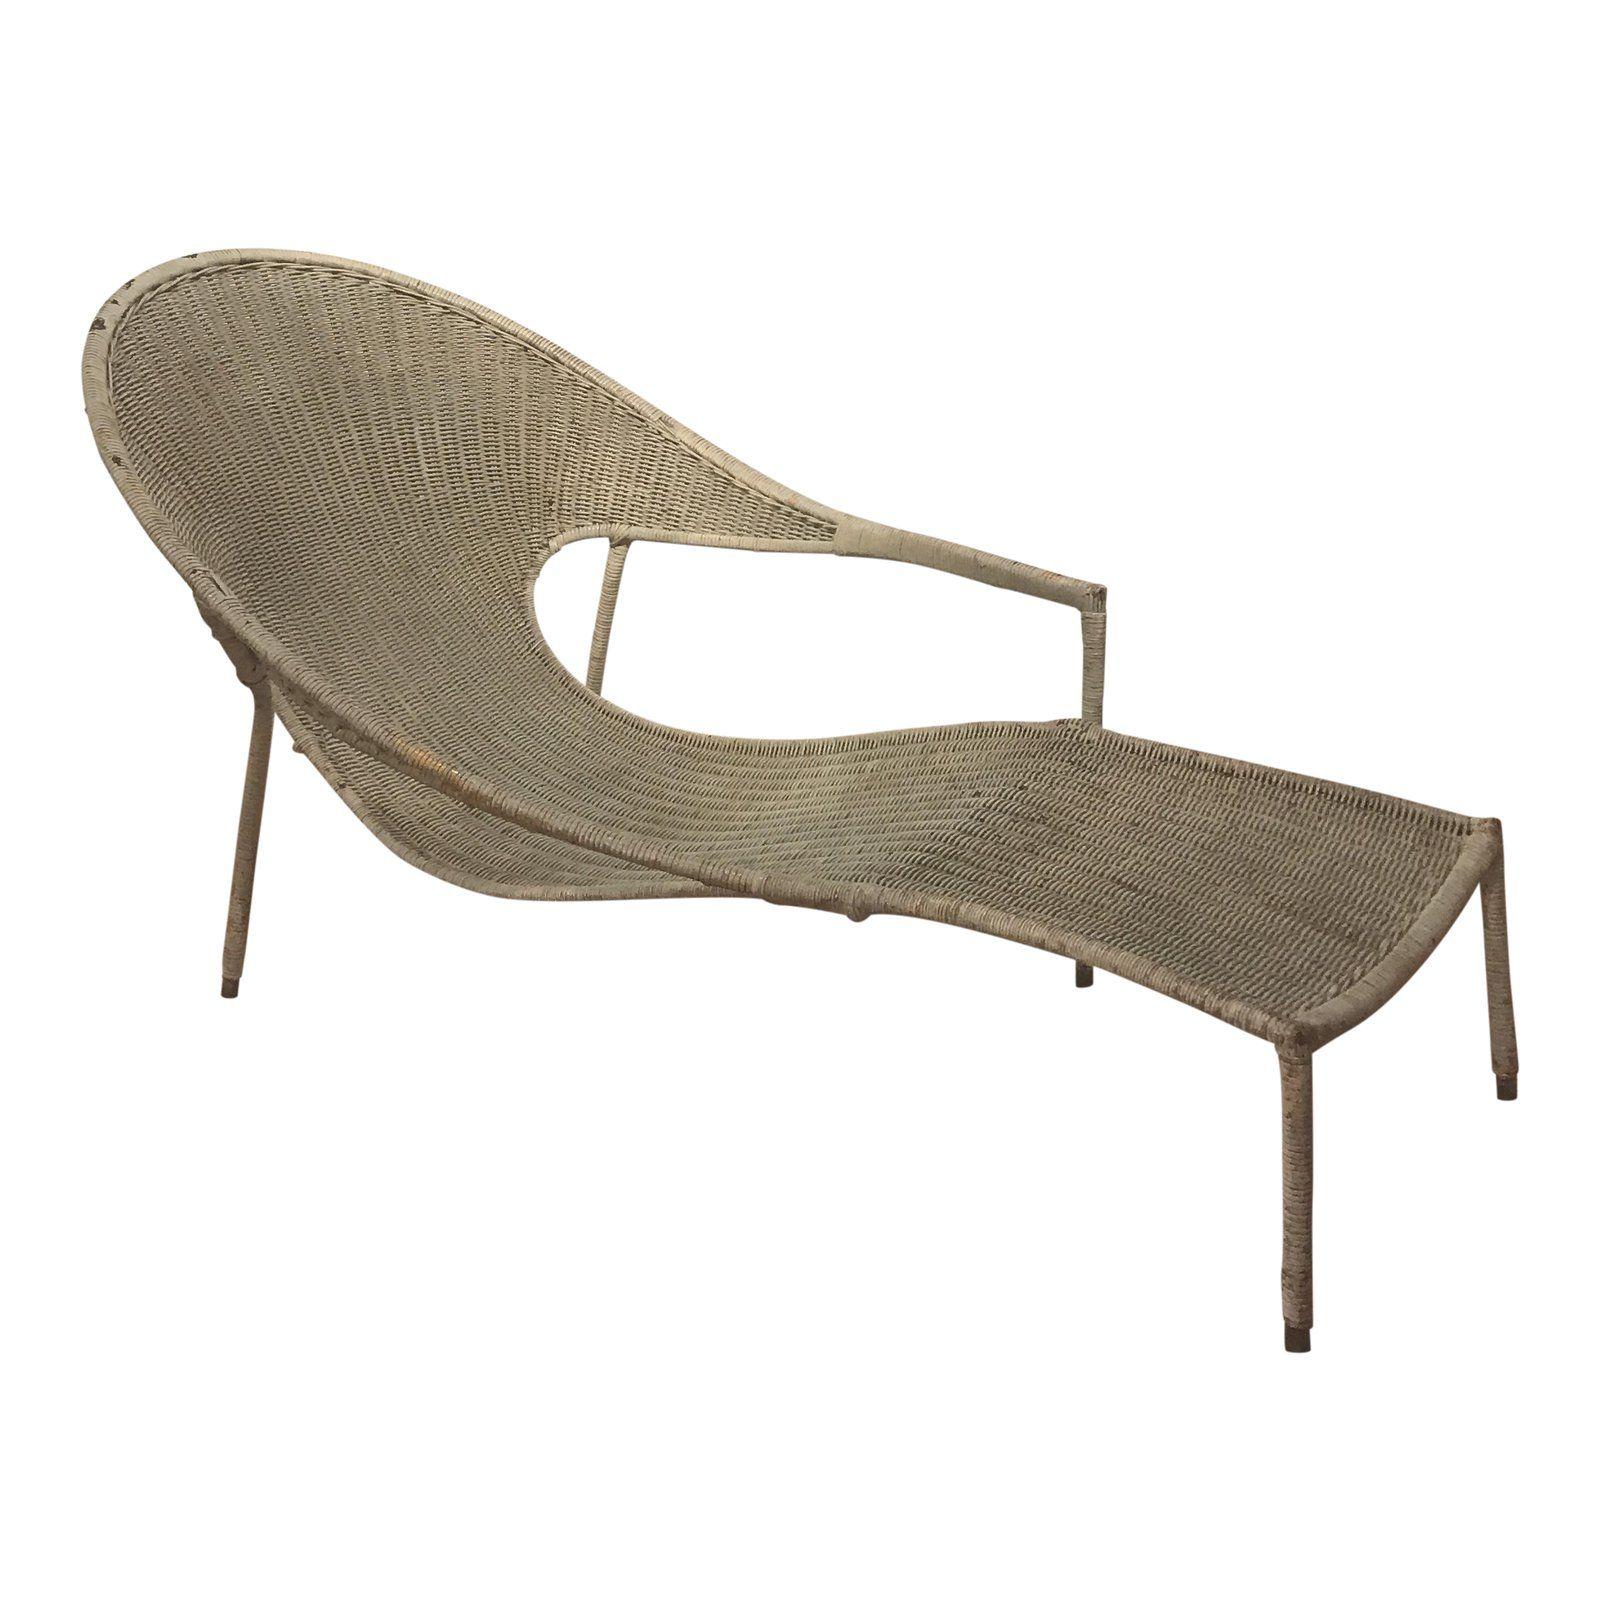 Francis Mair Sculptural Wicker Lounge Chair Outdoor Furniture Rh Pinterest  Com